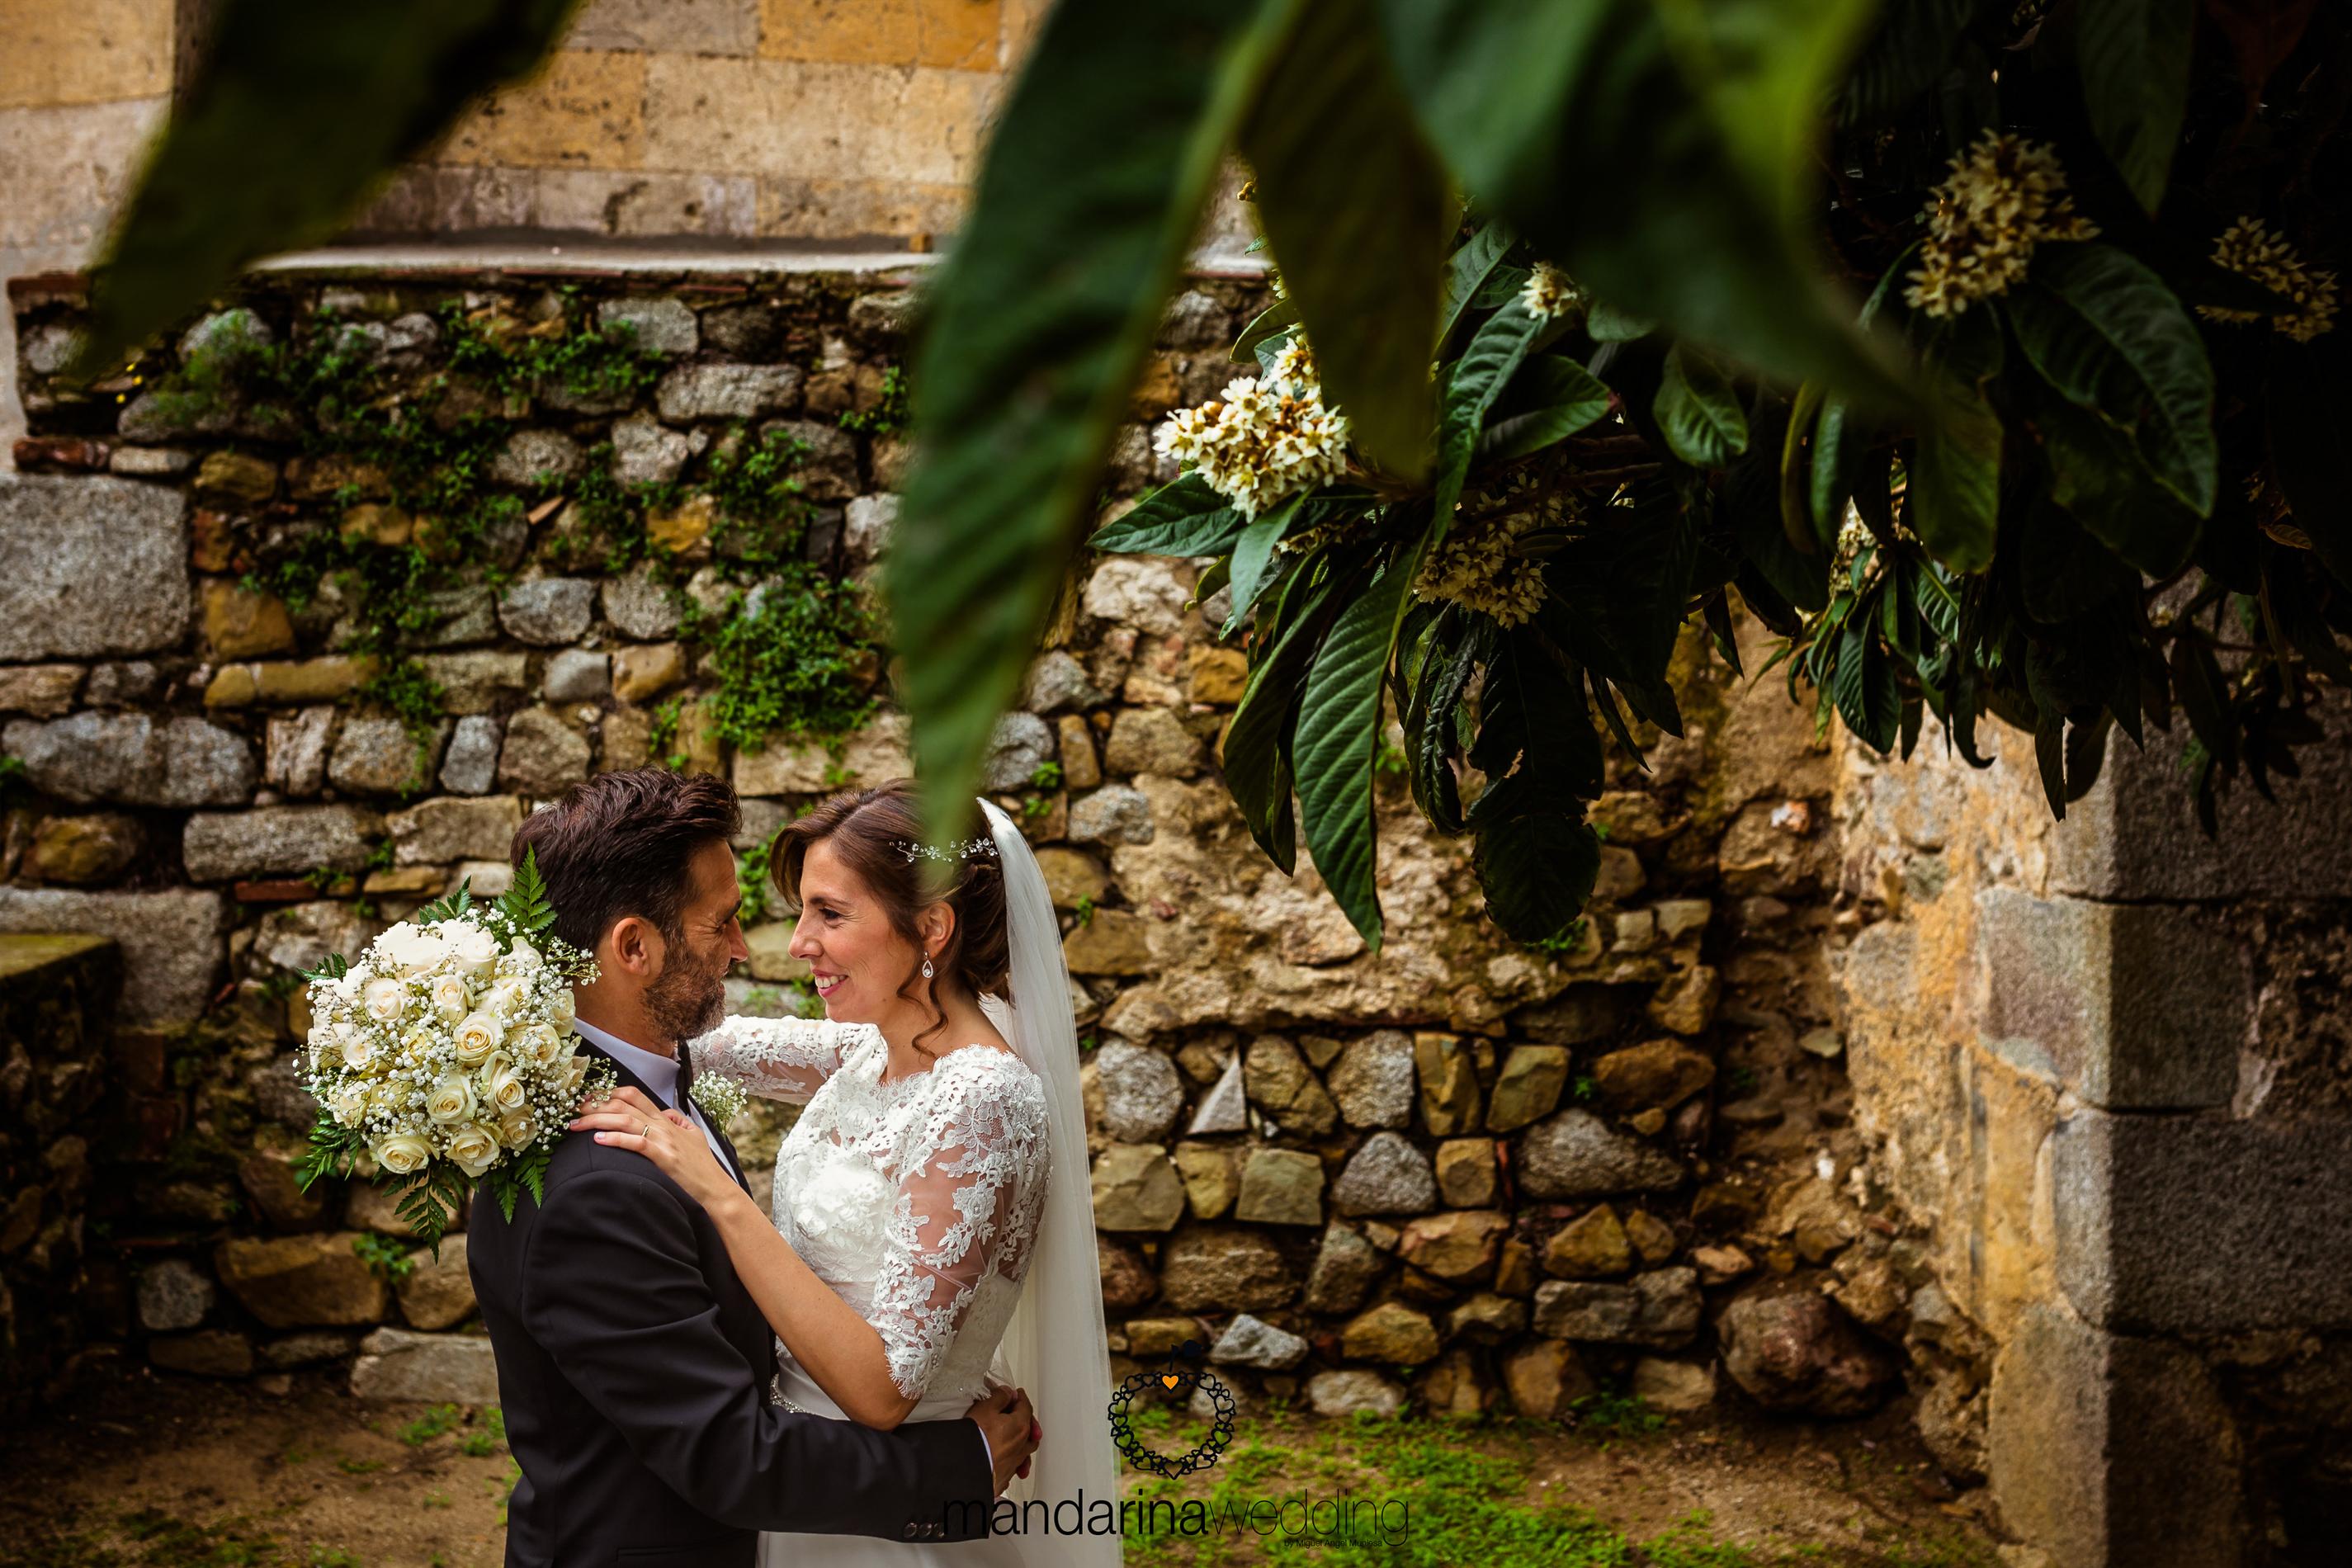 mandarina-wedding-fotografos-boda-zaragoza-bodas-fotografia-de-boda-fotografos-de-boda_02